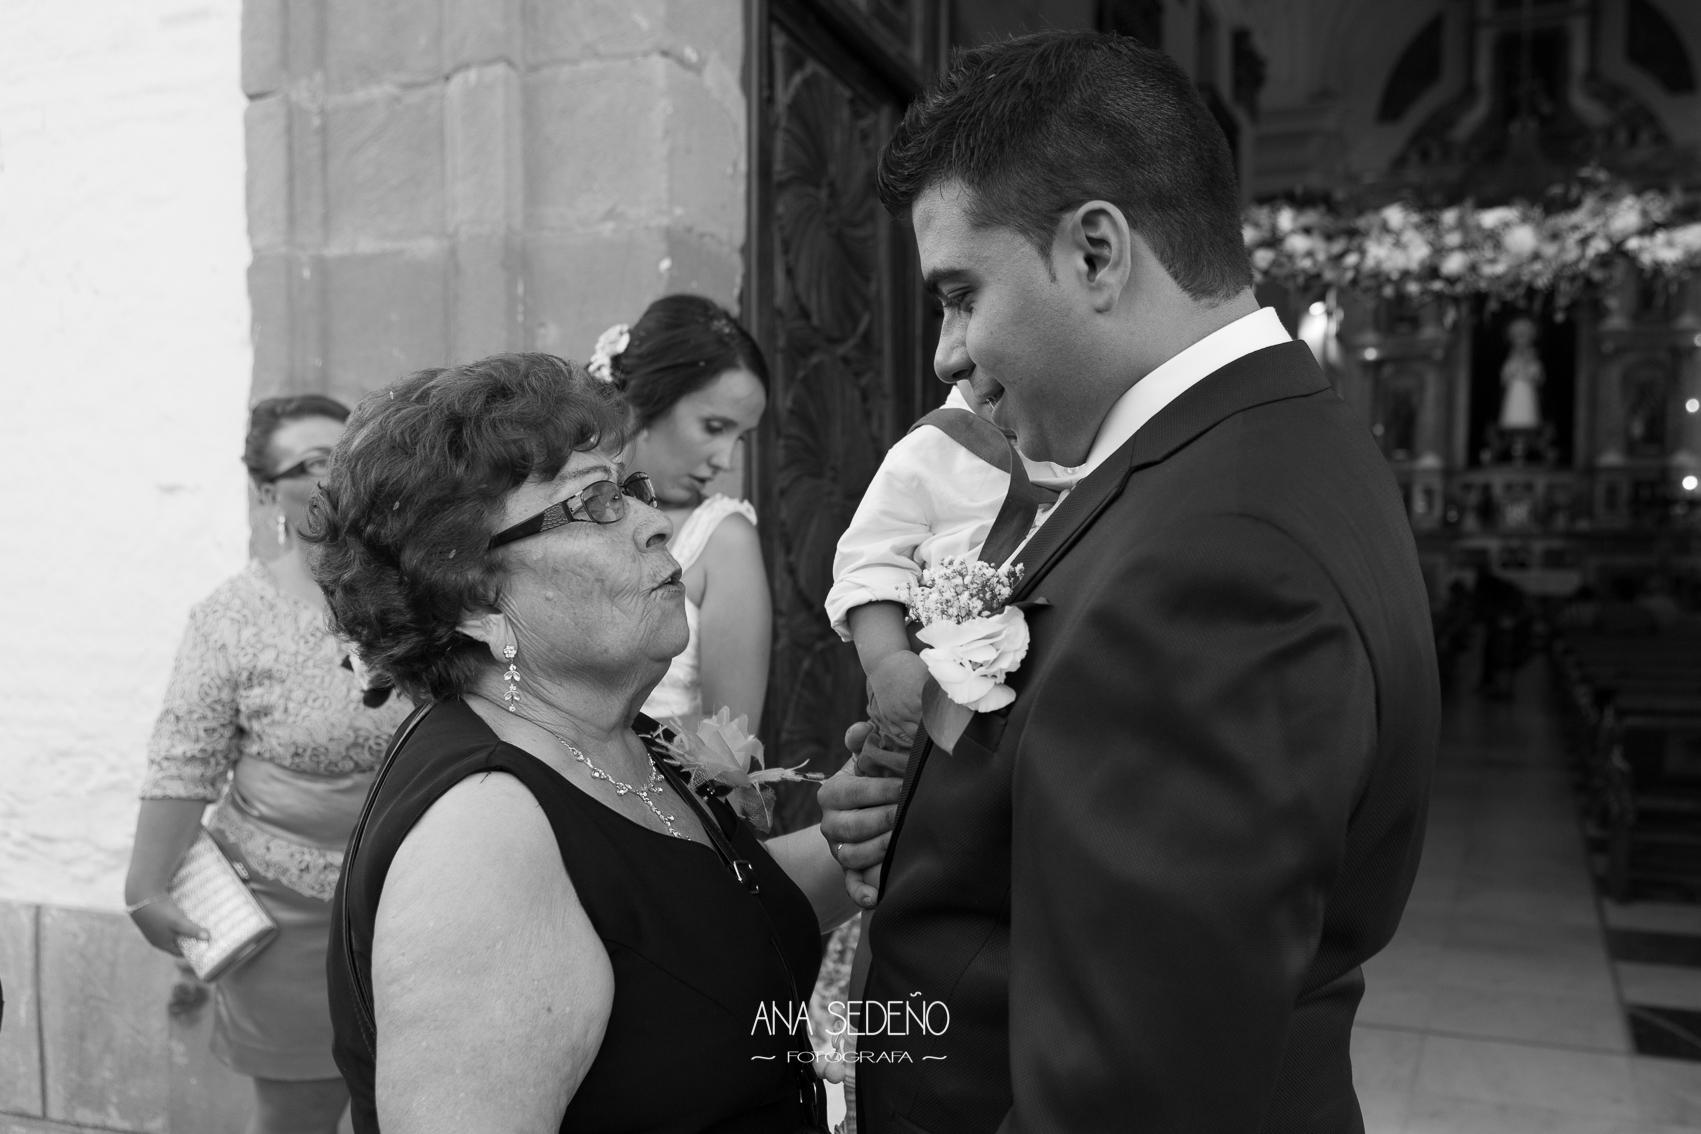 Ana Sedeño Fotografa.-BL & B-1148